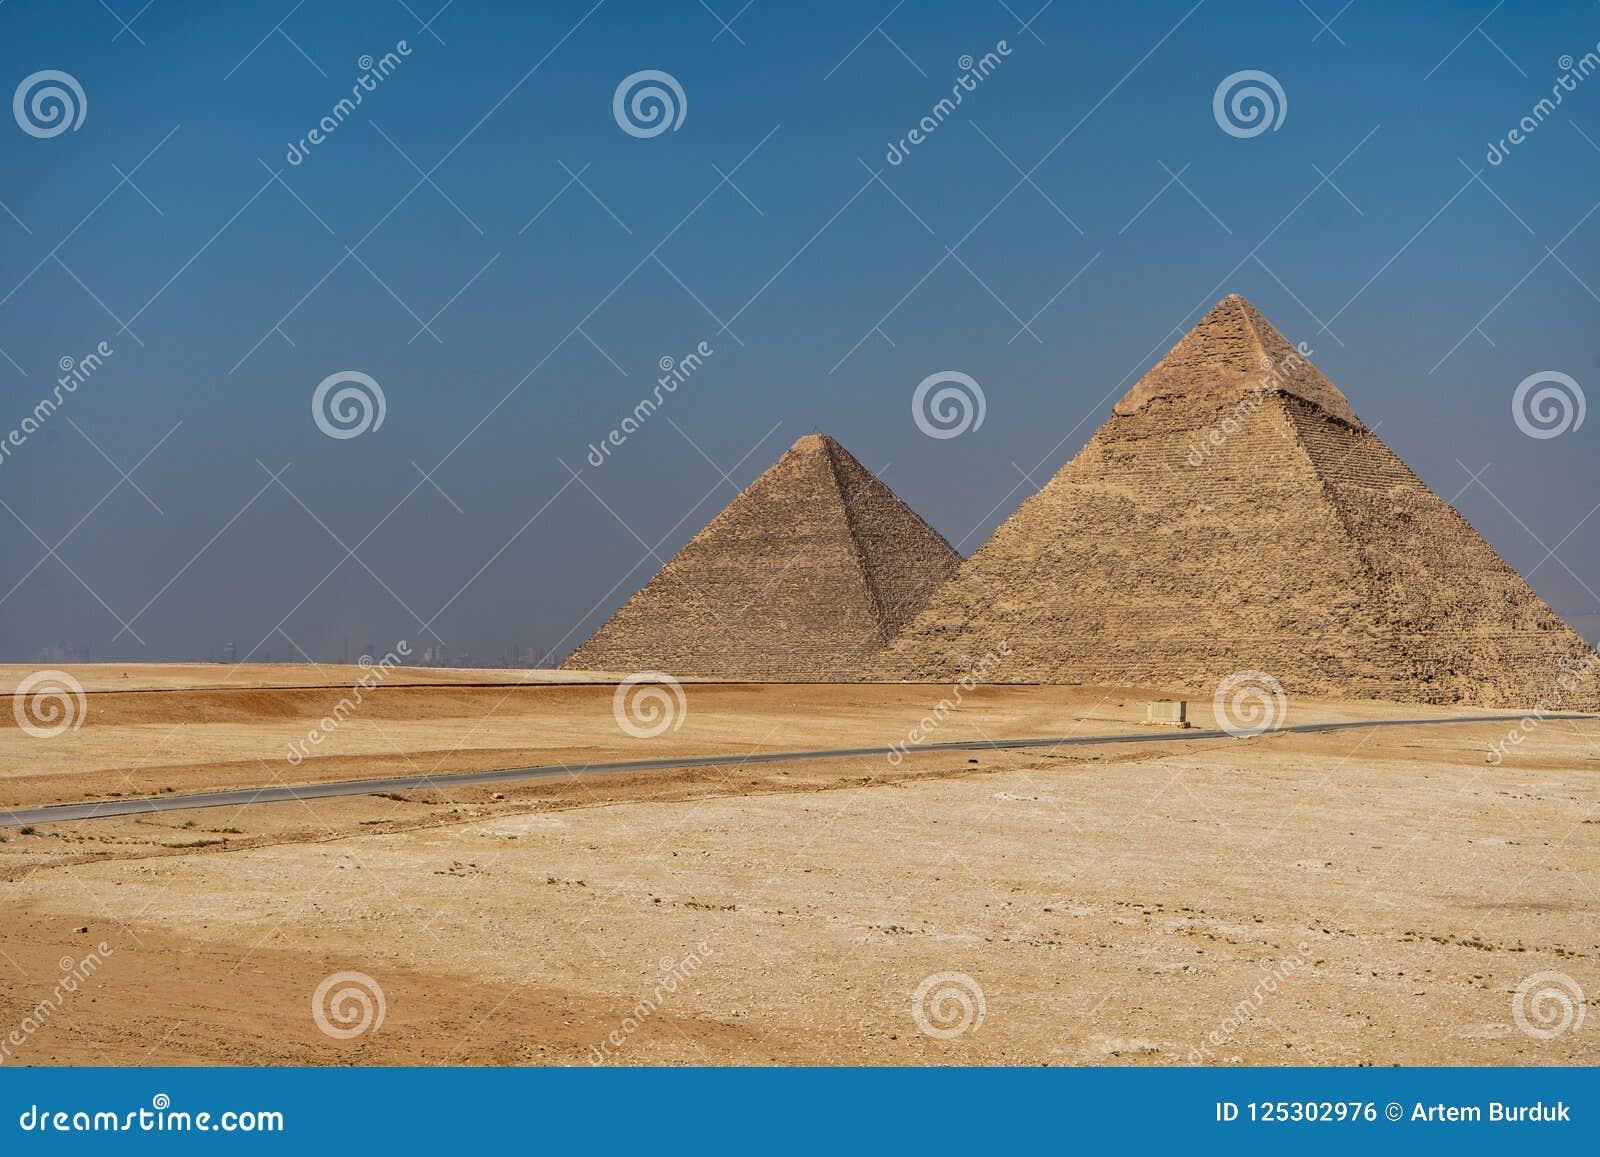 Οι τρεις πυραμίδες της νεκρόπολη Giza, Khufu Cheops, KH